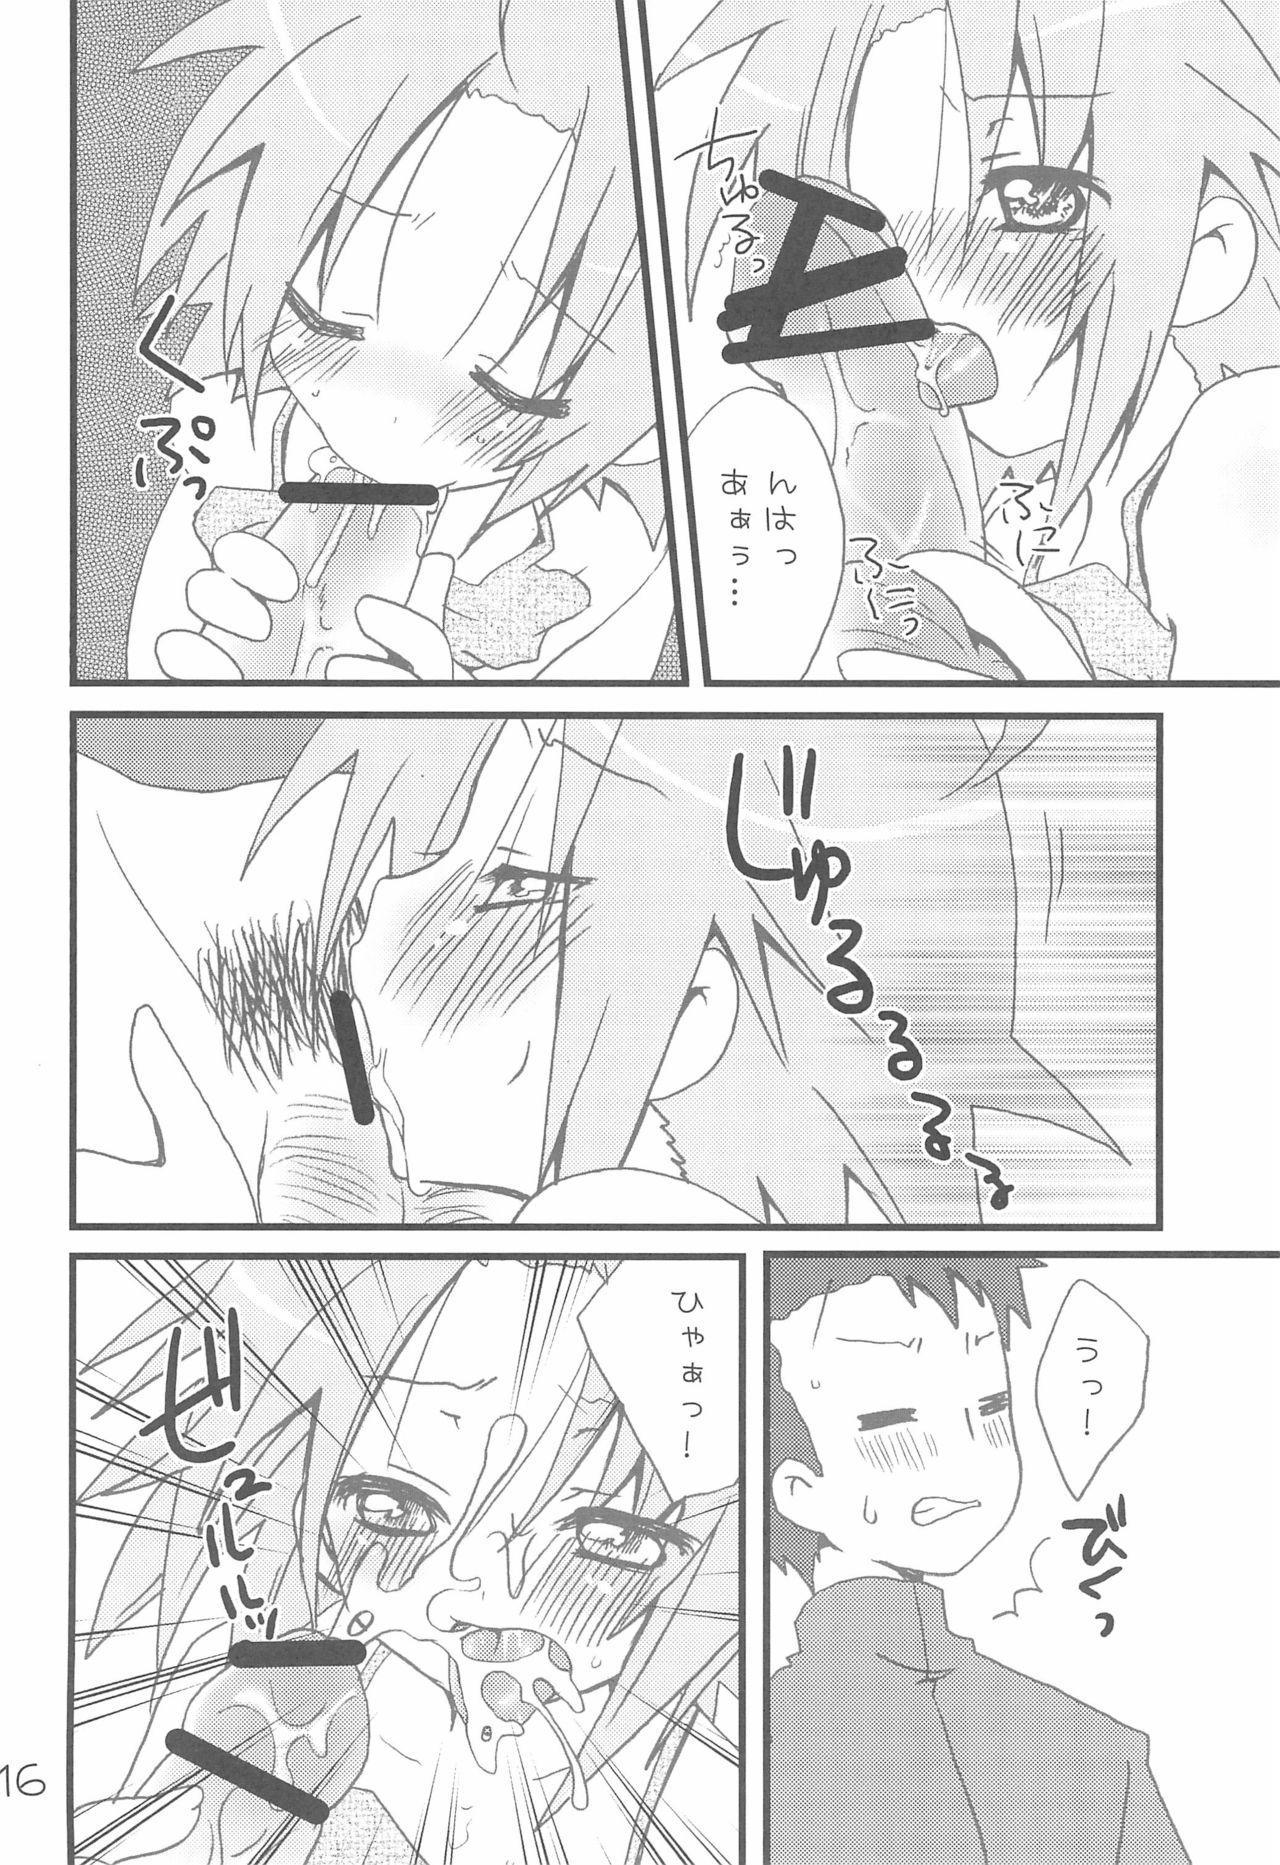 Kuro Star 15